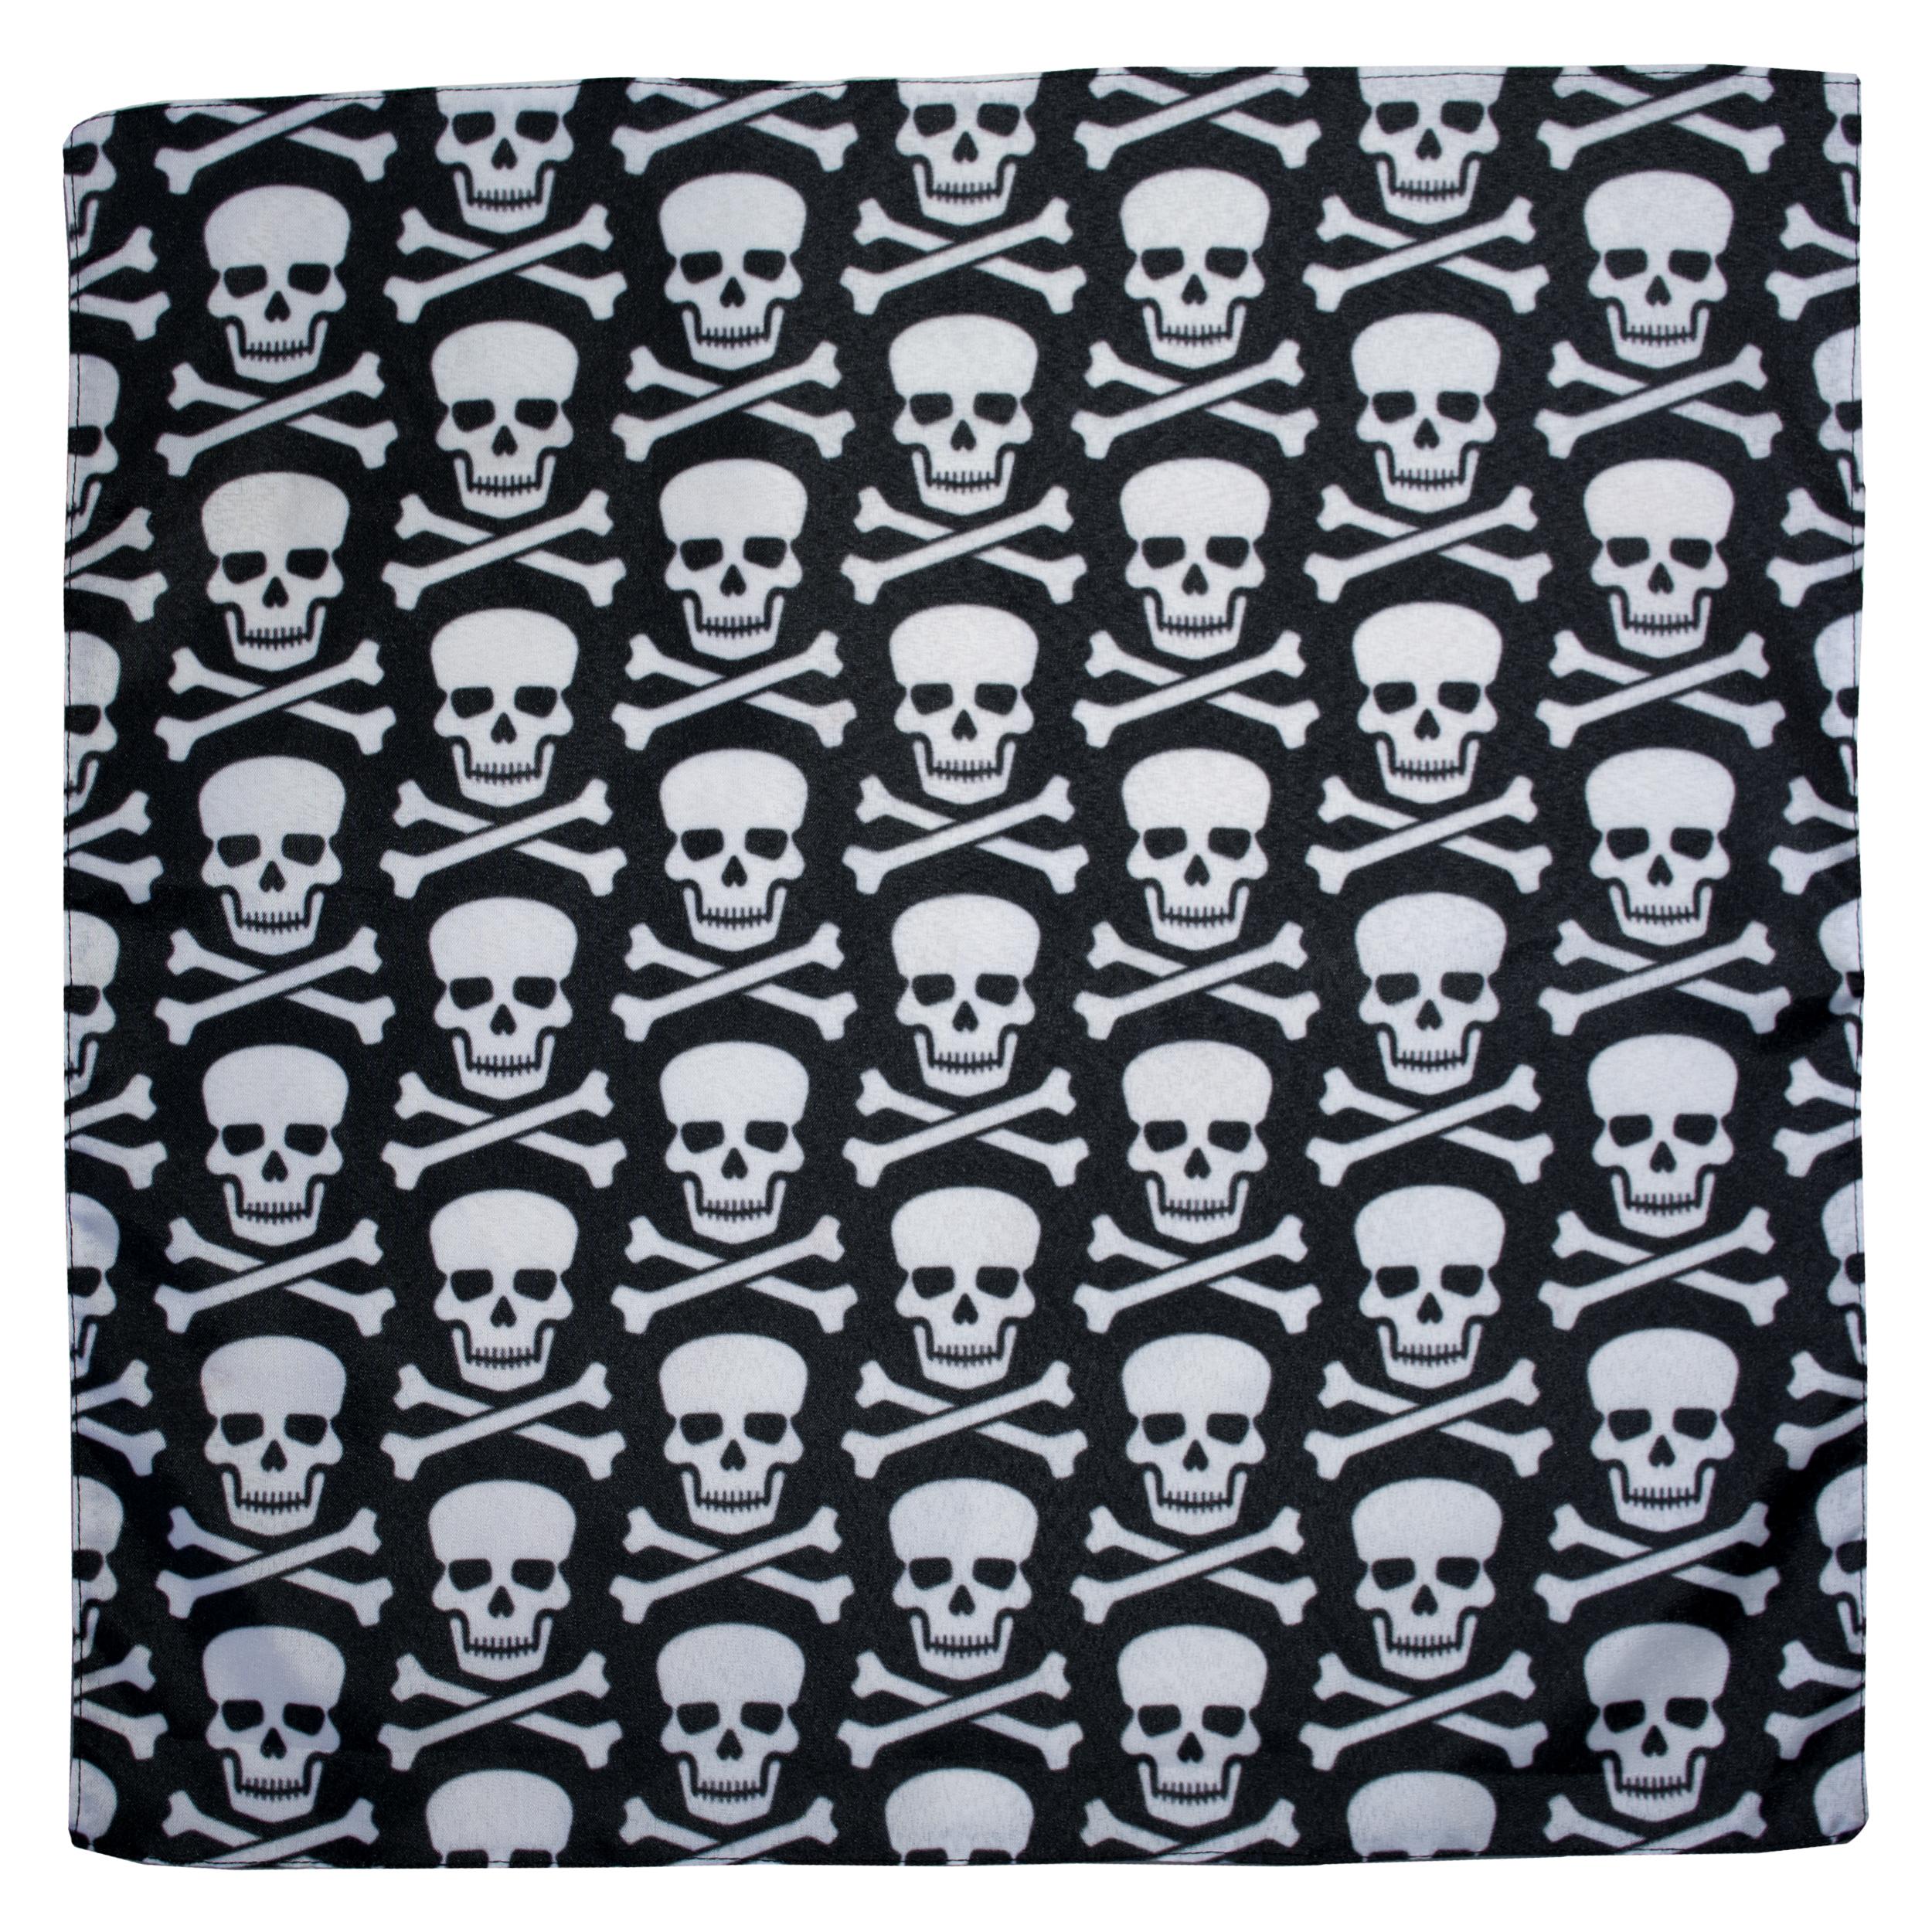 دستمال سر و گردن طرح اسکلت دزد دریایی کد 1110